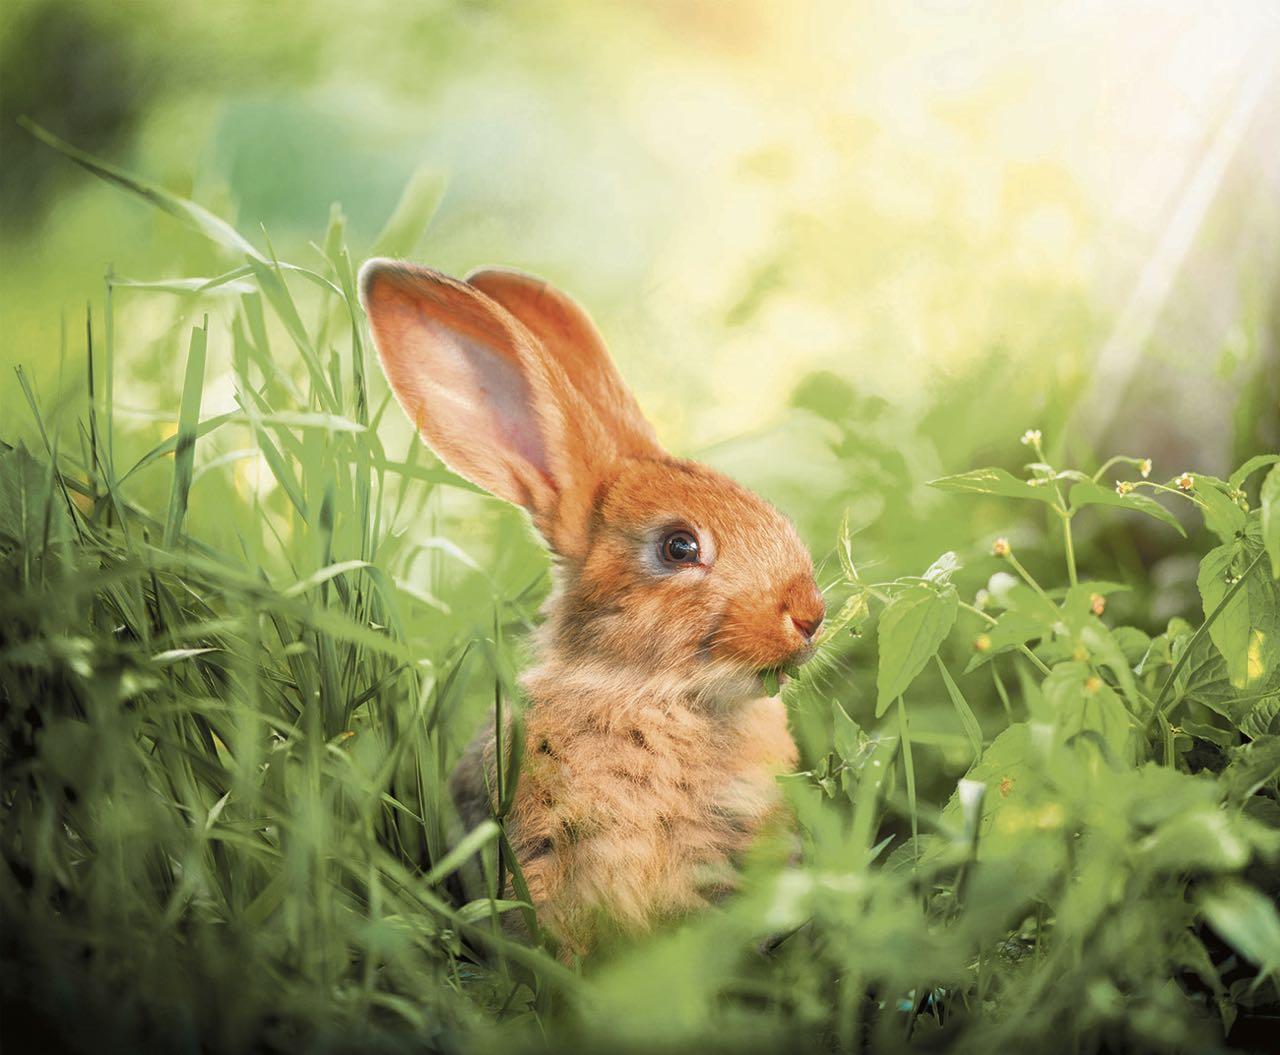 El descenso en la población de los conejos acarrea otros peligros para la fauna, por eso están buscando soluciones y estrategias.